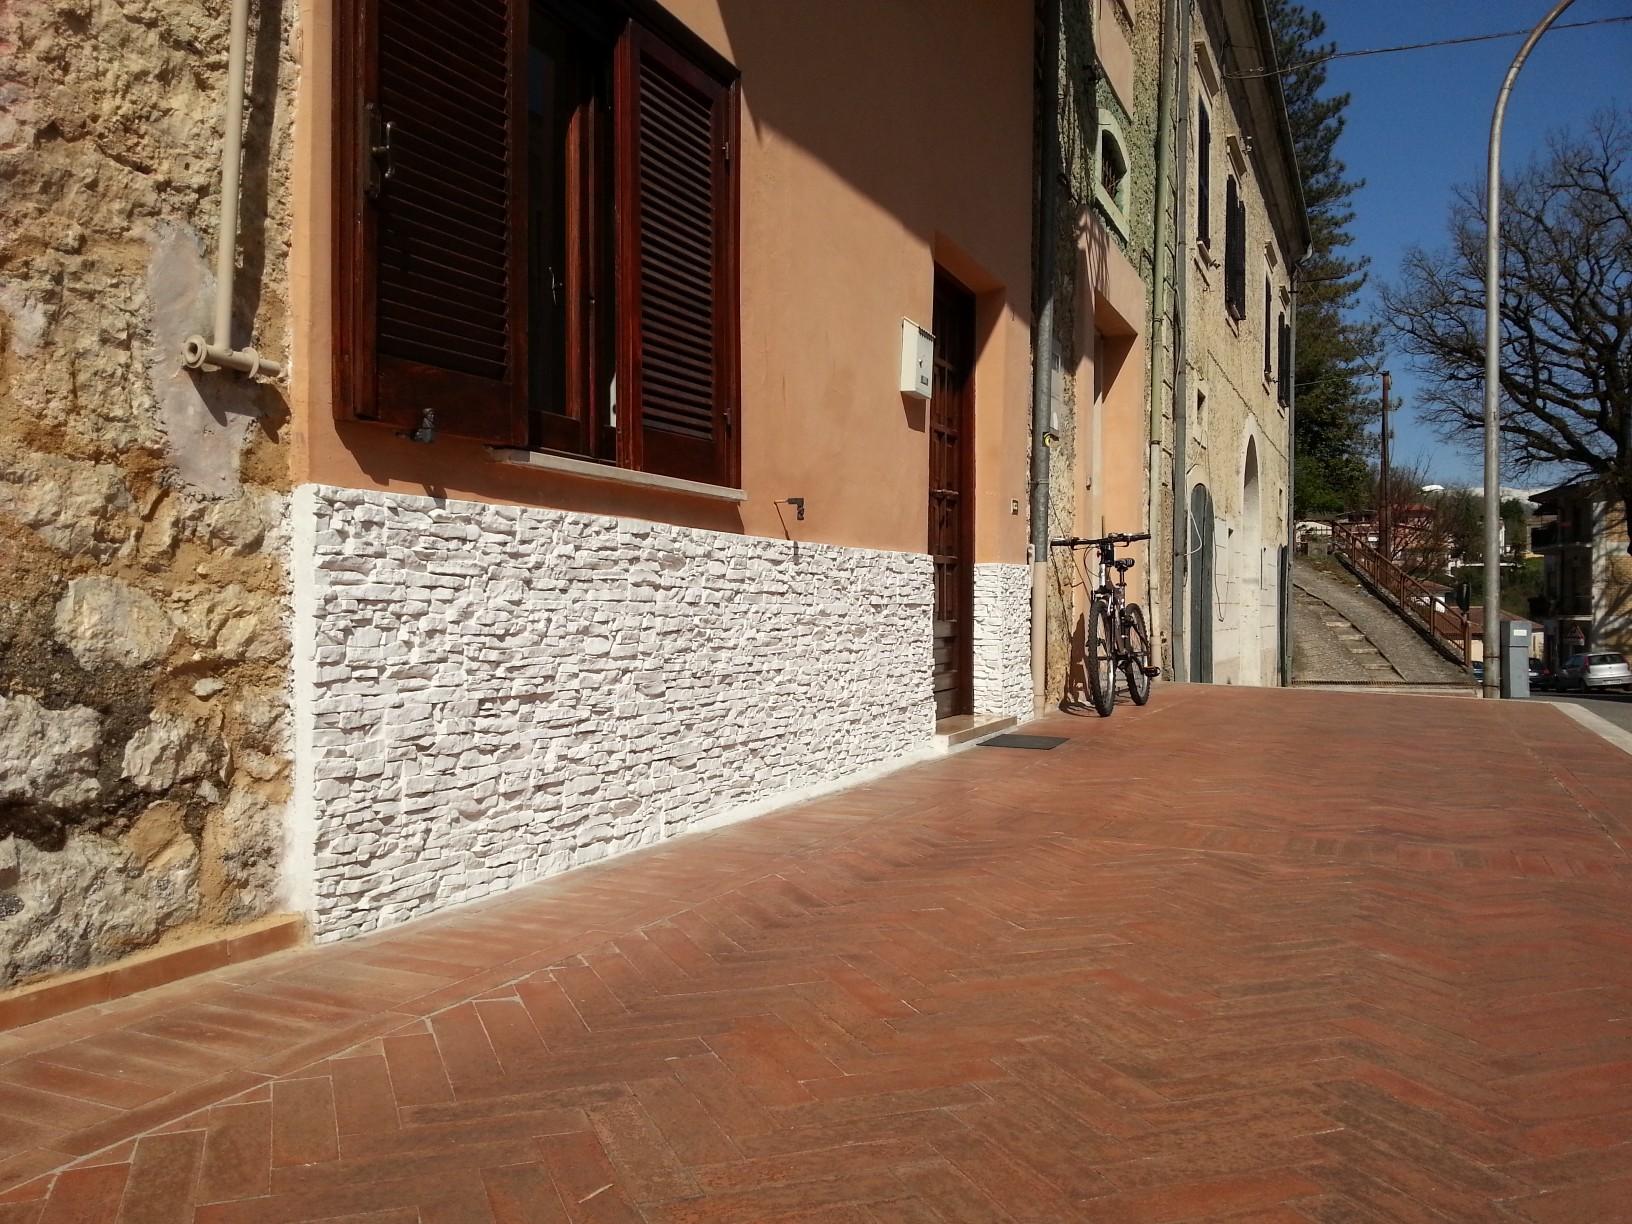 Mattonelle per muro esterno cheap piastrelle da muro esterno con